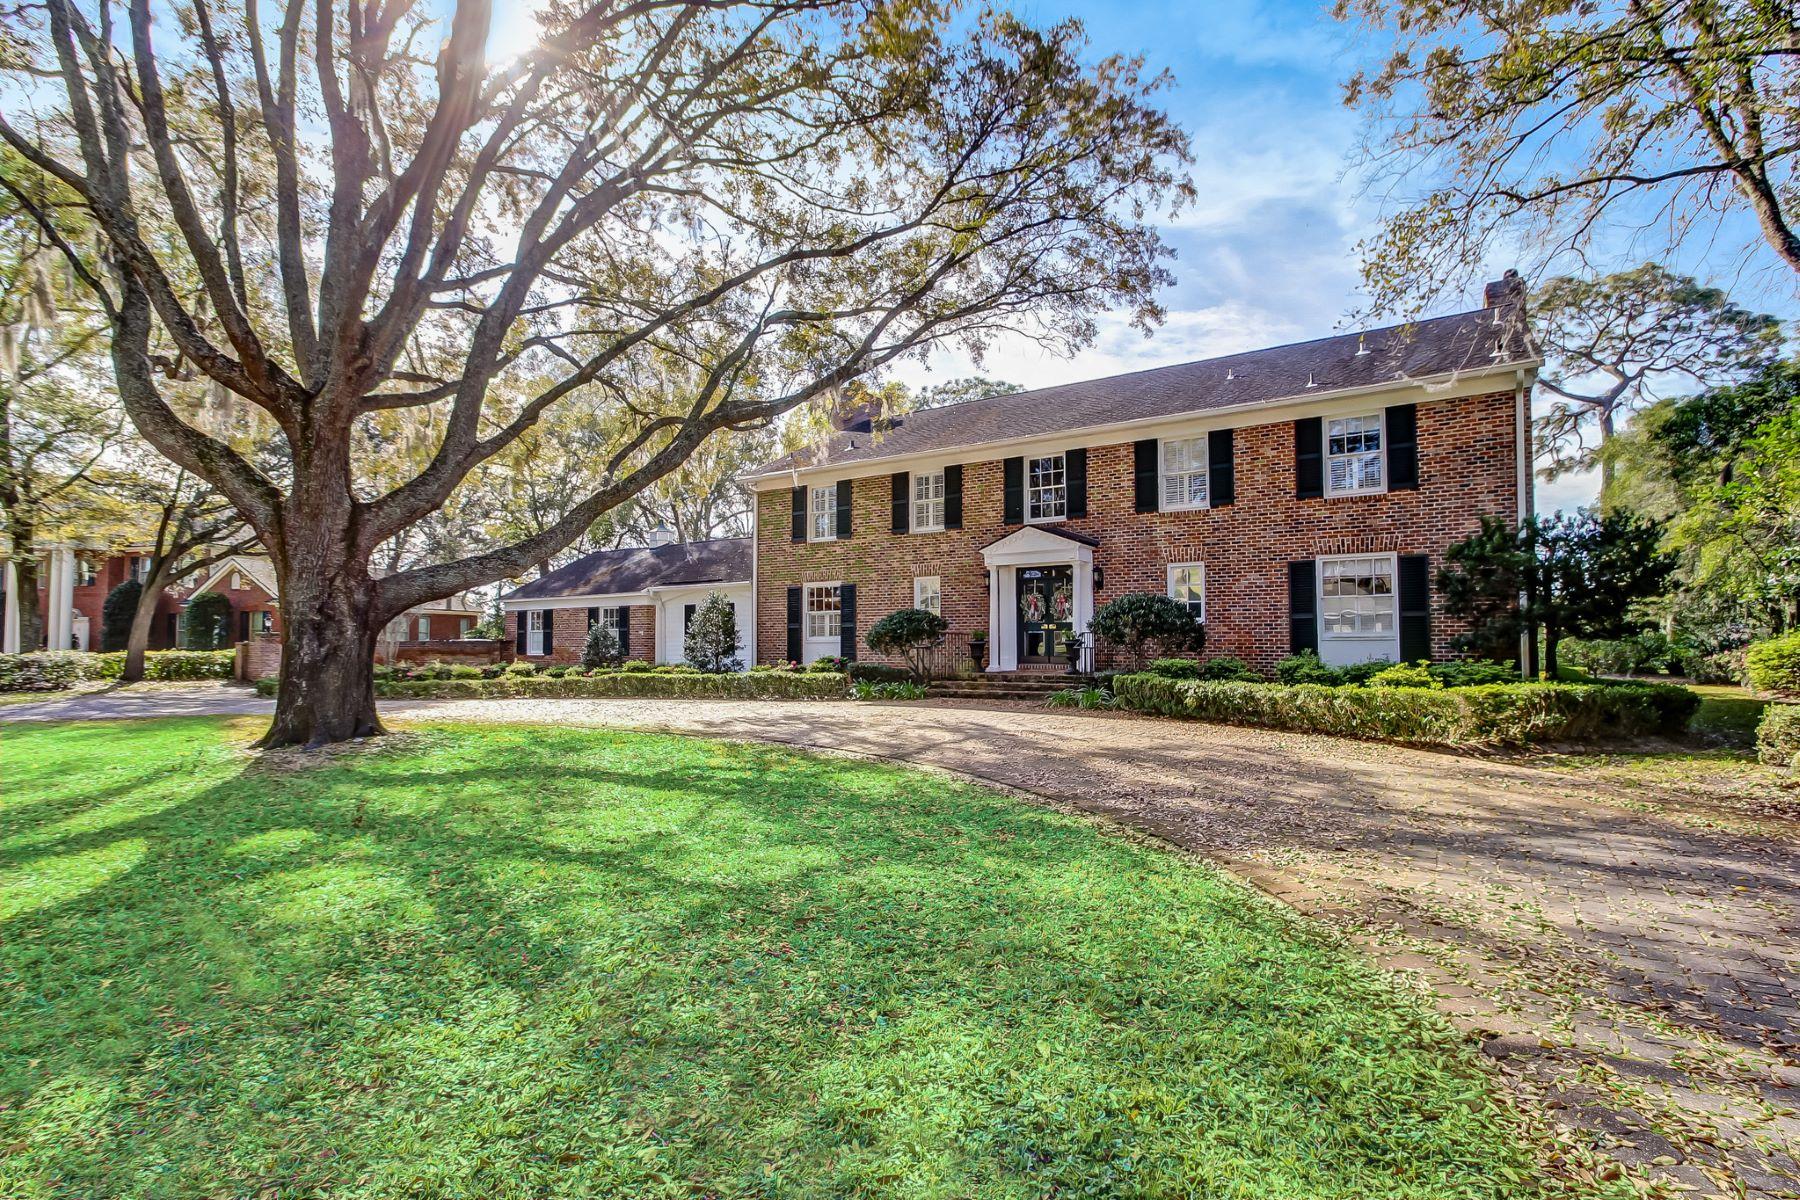 Maison unifamiliale pour l Vente à Golf course Home on the 1st Fairway 10120 Whippoorwill Lane Deerwood, Jacksonville, Florida, 32256 États-Unis